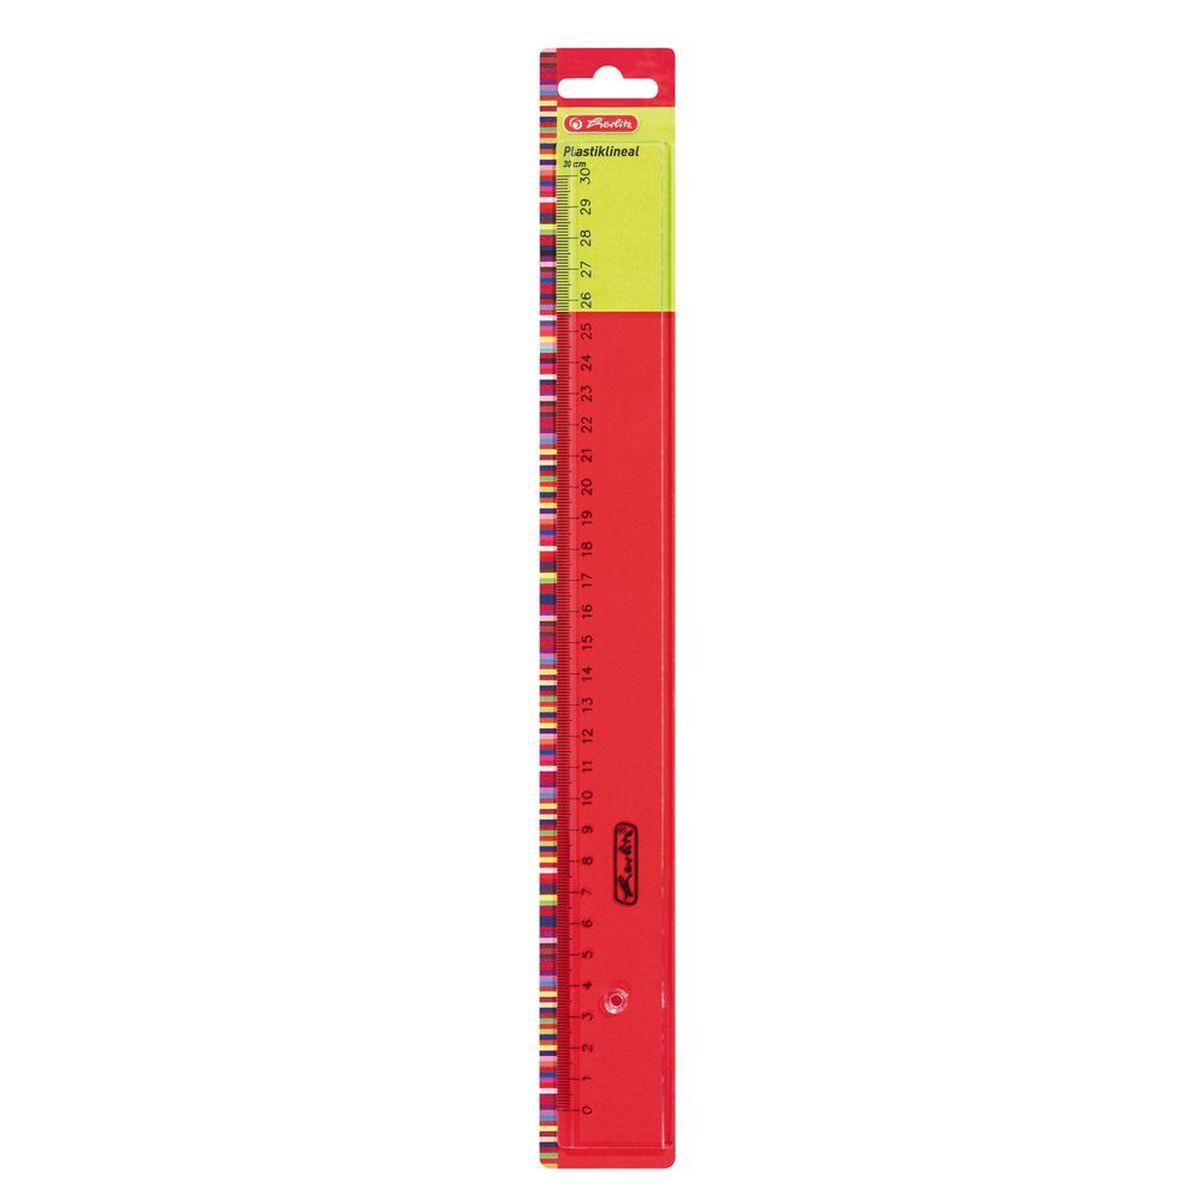 Линейка от Herlitz с делениями на 30 см выполнена из прозрачного пластика и обладает четкой миллиметровой шкалой делений.Линейка удобна для измерения длины и черчения, устойчива к деформациям.Линейка от Herlitz идеально подойдет для любого школьника или офисного работника.